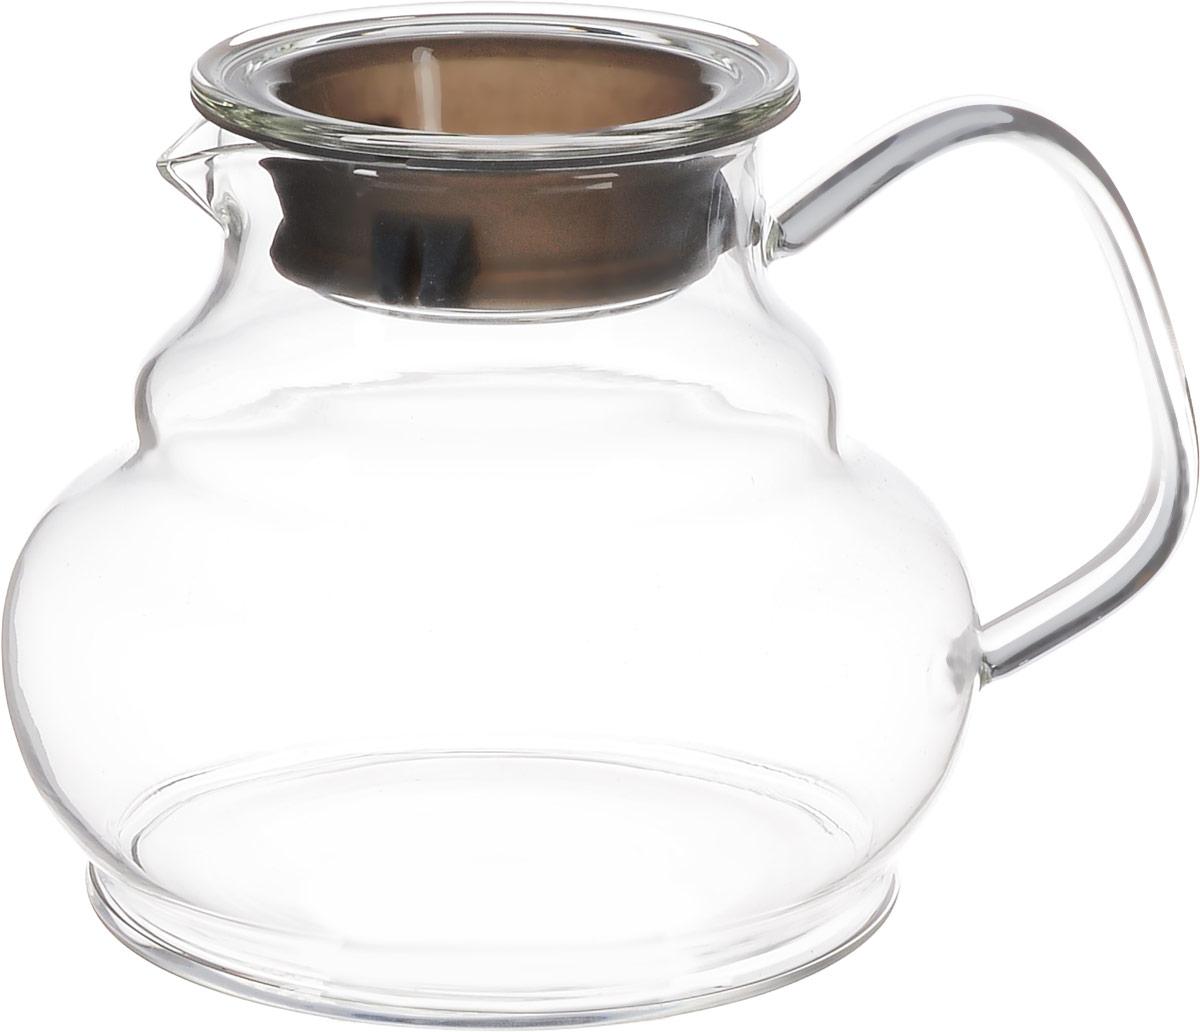 Чайник заварочный Hunan Provincial Мори, 900 мл15050Заварочный чайник Hunan Provincial Мори изготовлен из стекла. Этот чайник радует глаз своей оригинальной формой. Удобная ручка позволяет крепко держать чайник в руке. Крышка с силиконовой вставкой уберегает от ожогов. Диаметр чайника (по верхнему краю): 7,5 см. Высота чайника (без крышки): 11 см.